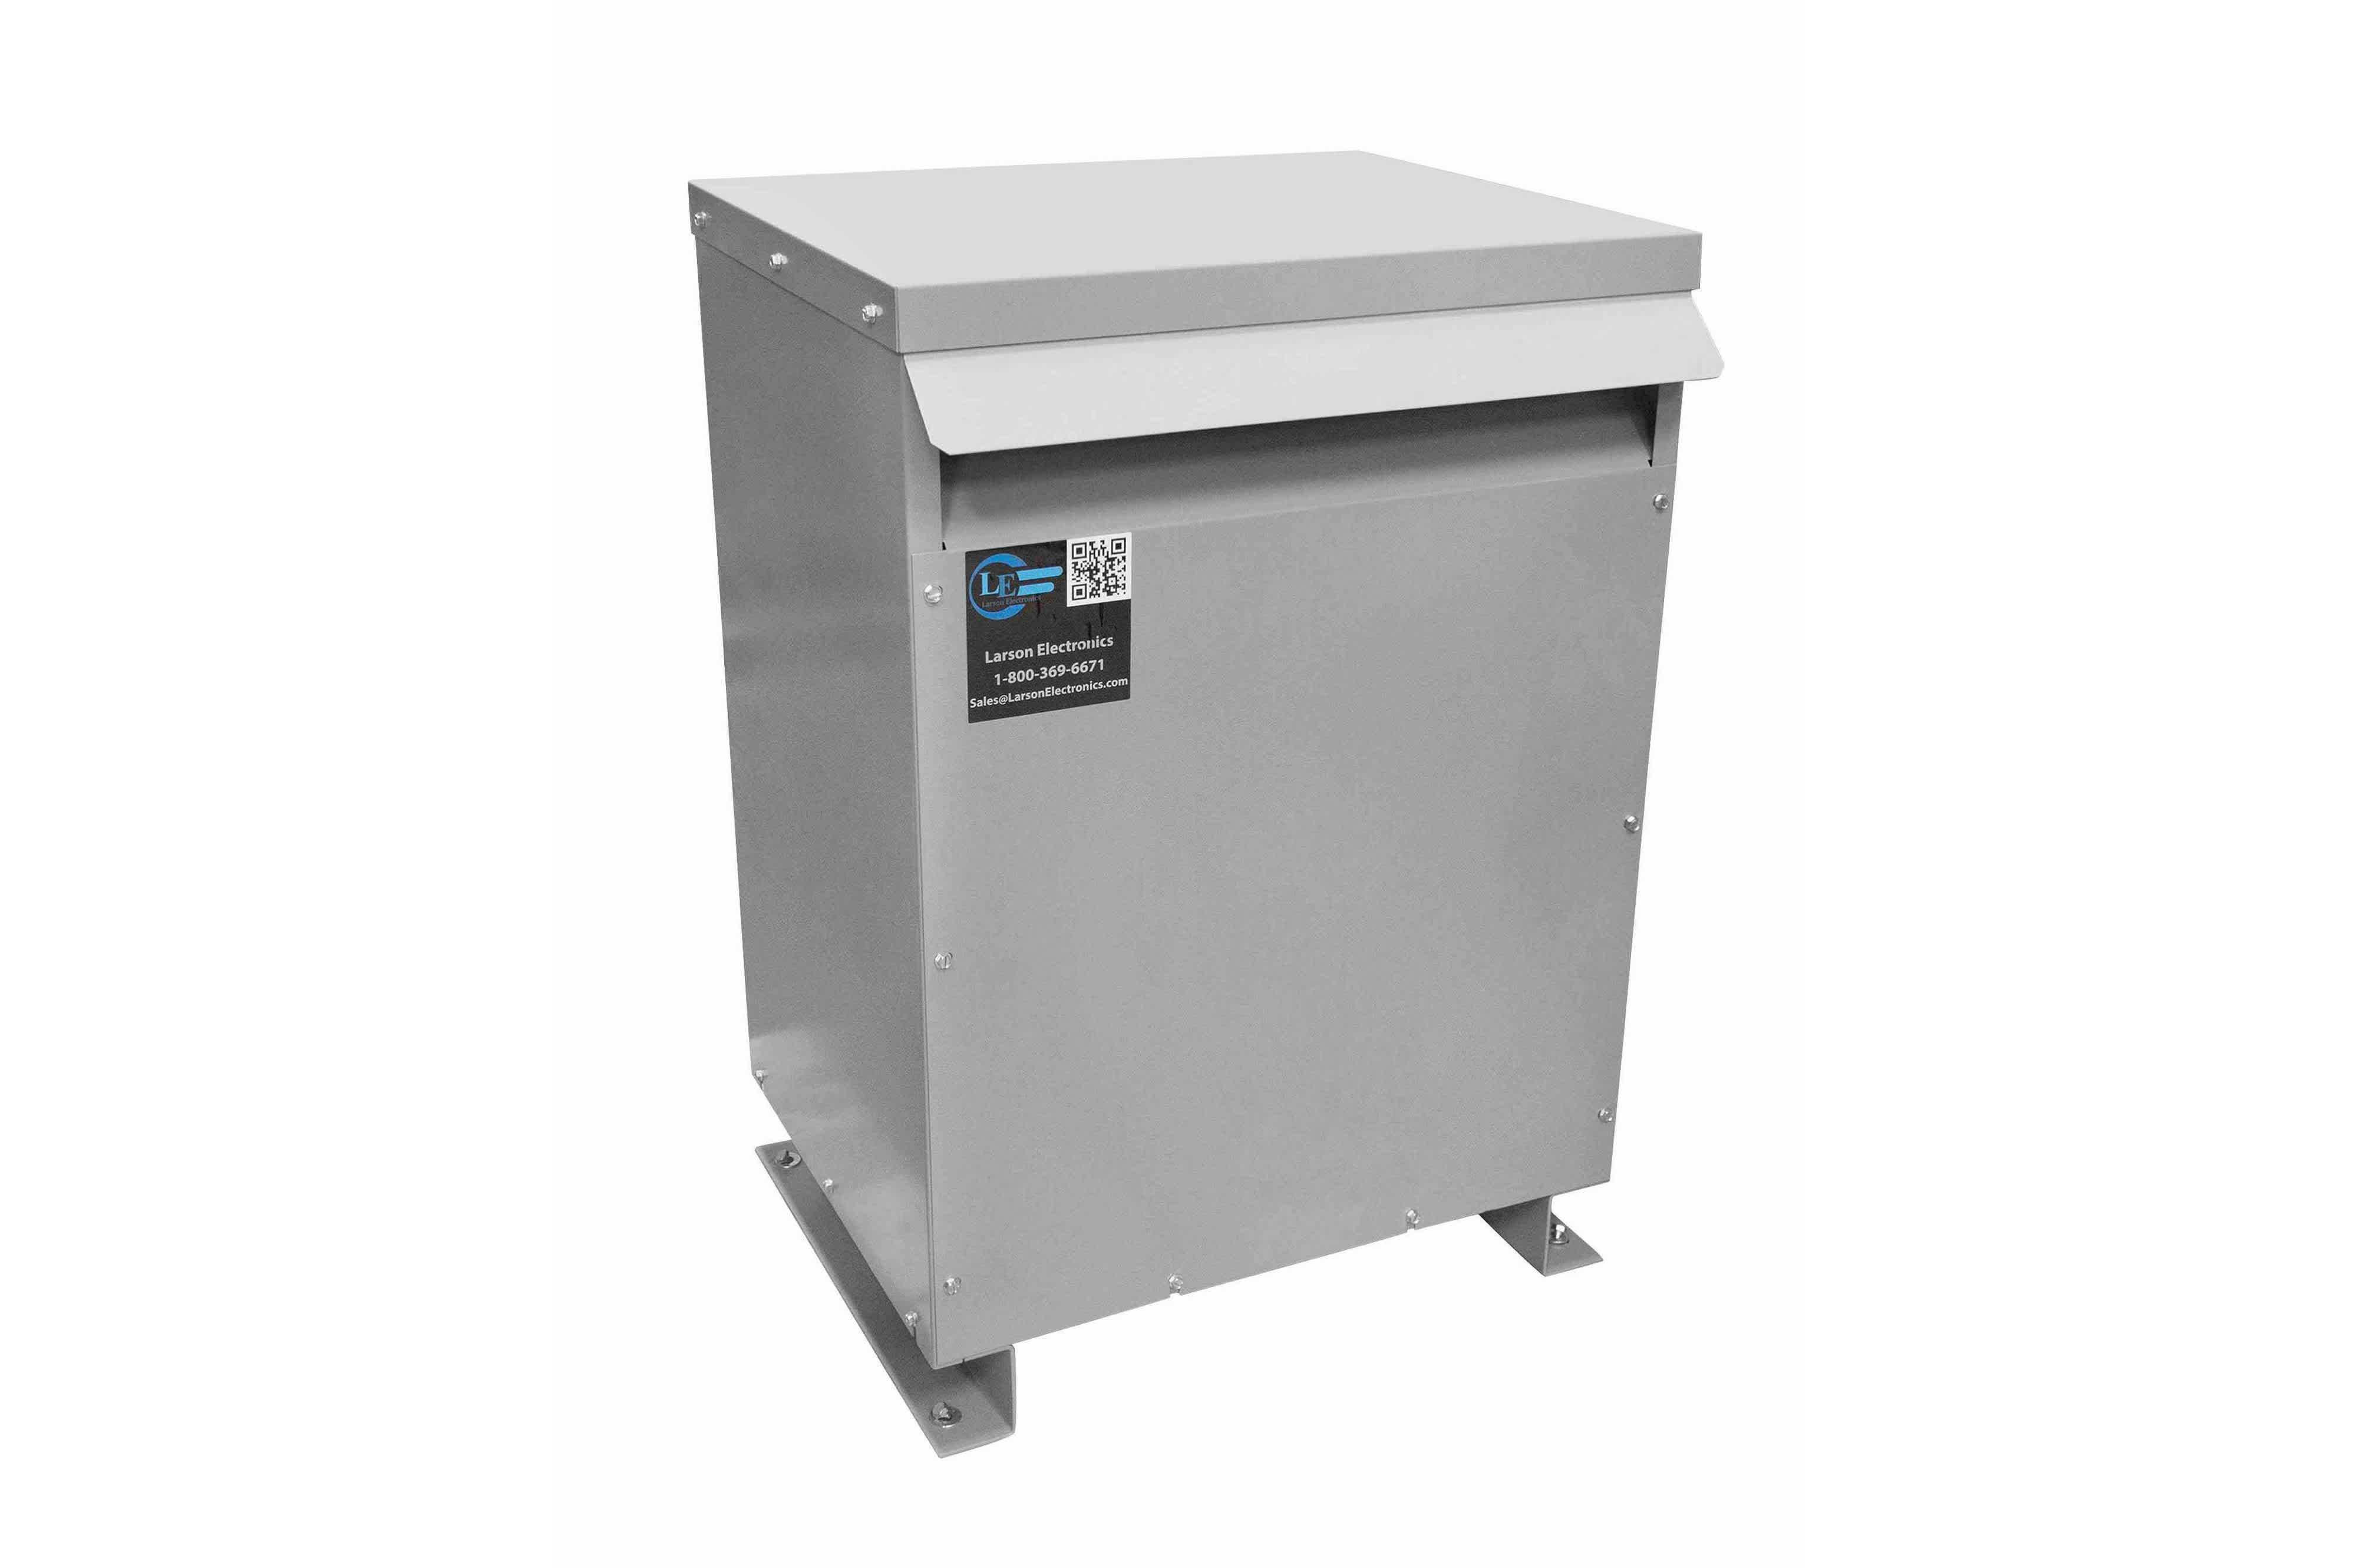 750 kVA 3PH Isolation Transformer, 208V Delta Primary, 380V Delta Secondary, N3R, Ventilated, 60 Hz